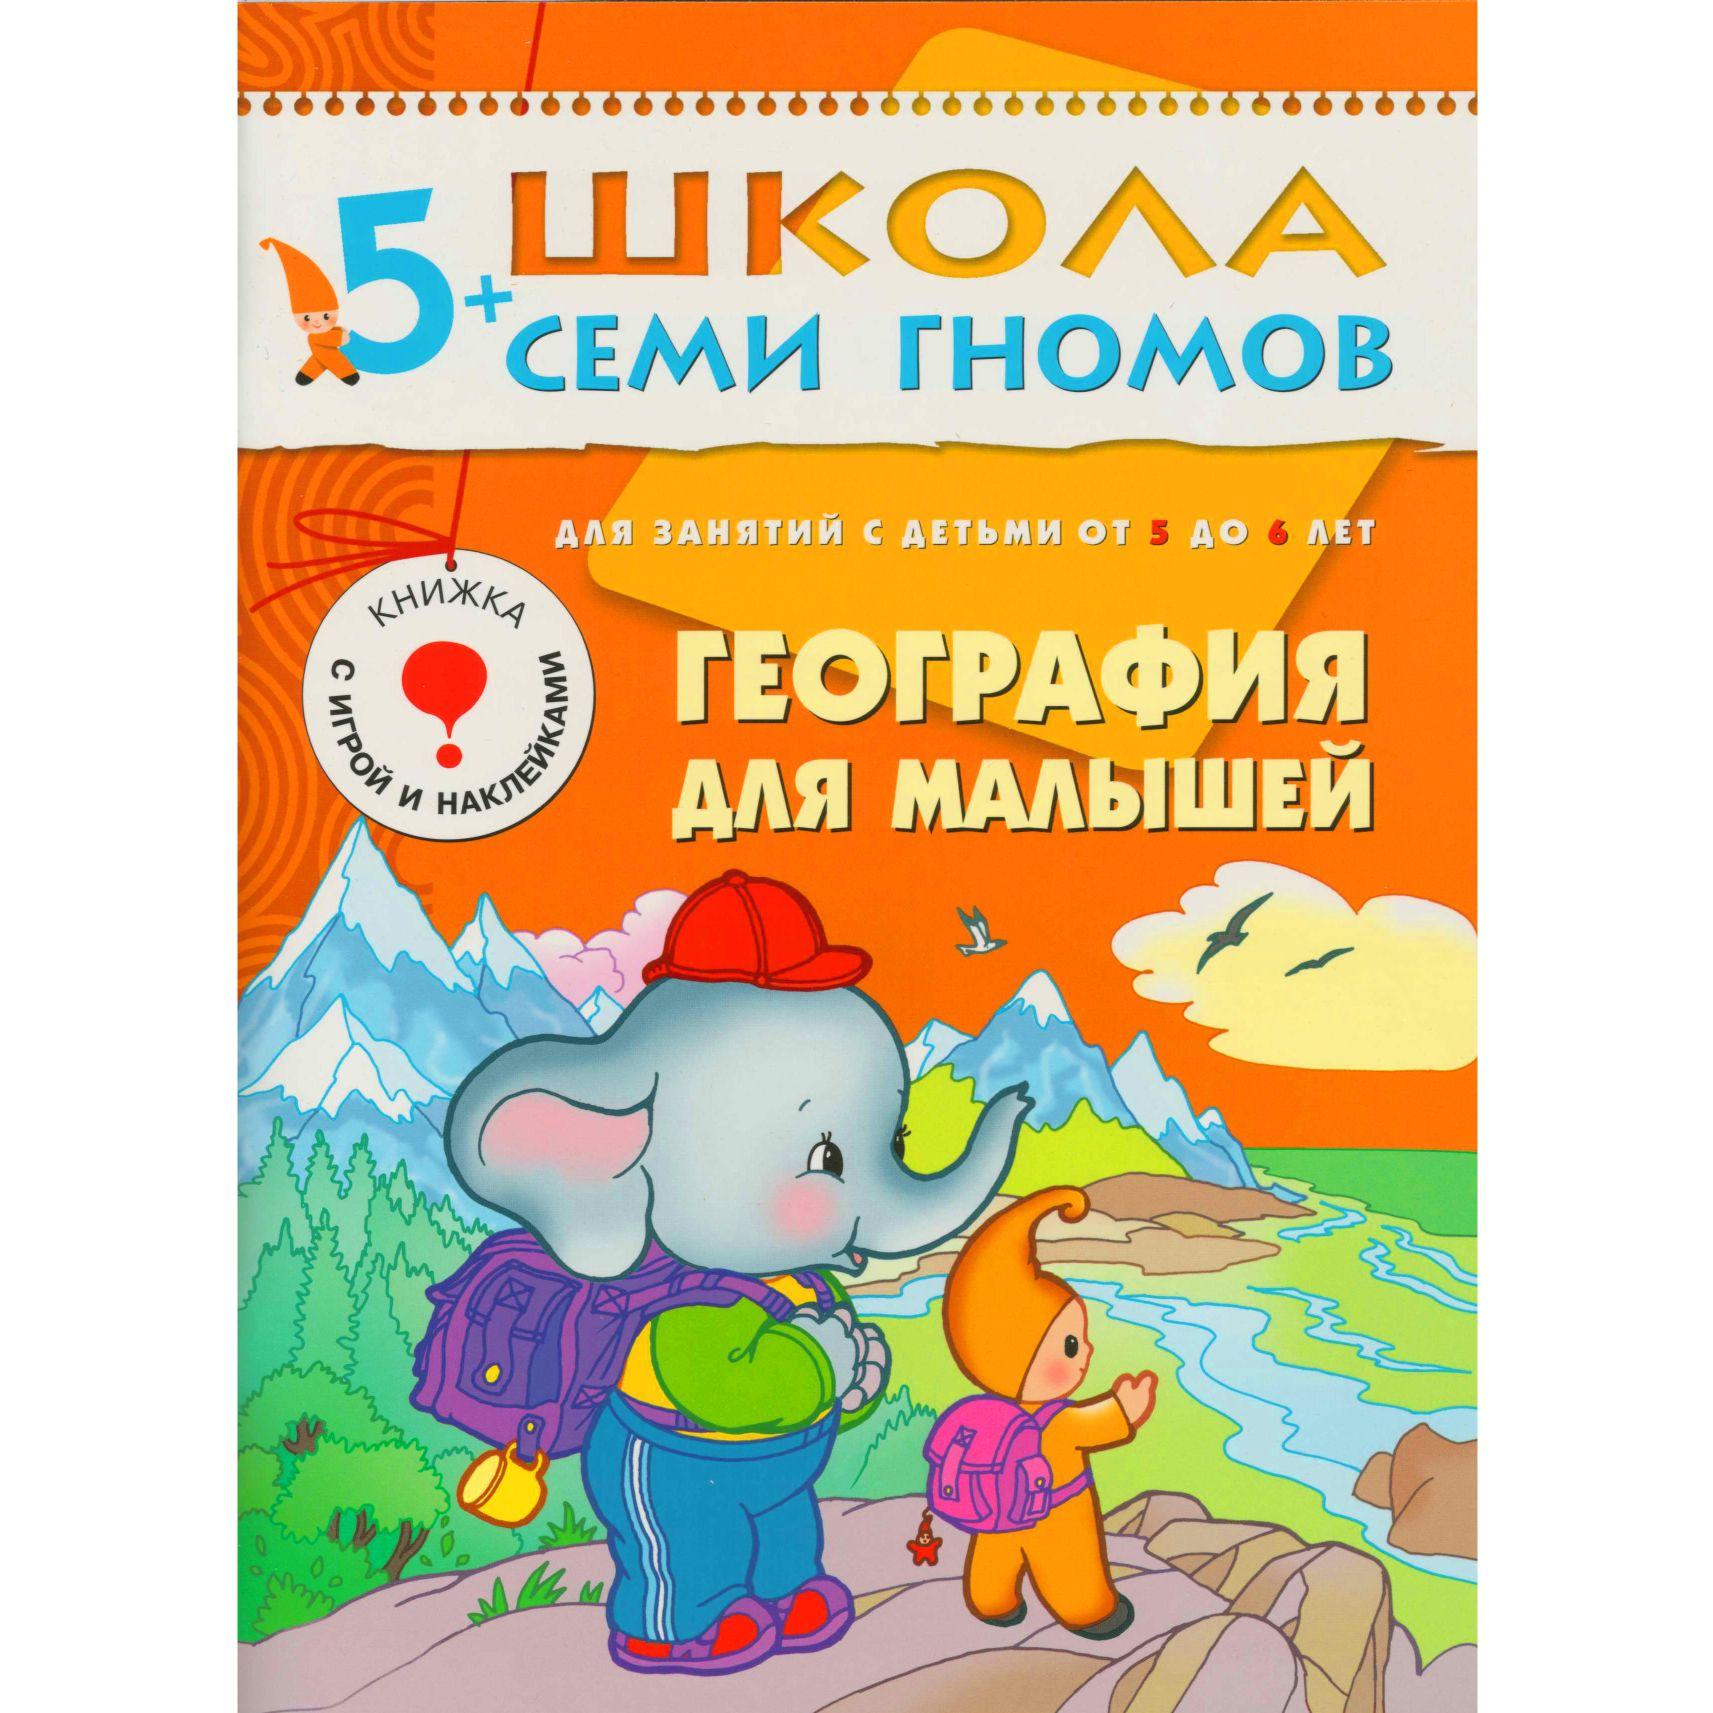 География для малышей: Для занятий с детьми от 5 до 6 лет: Книжка с игрой..